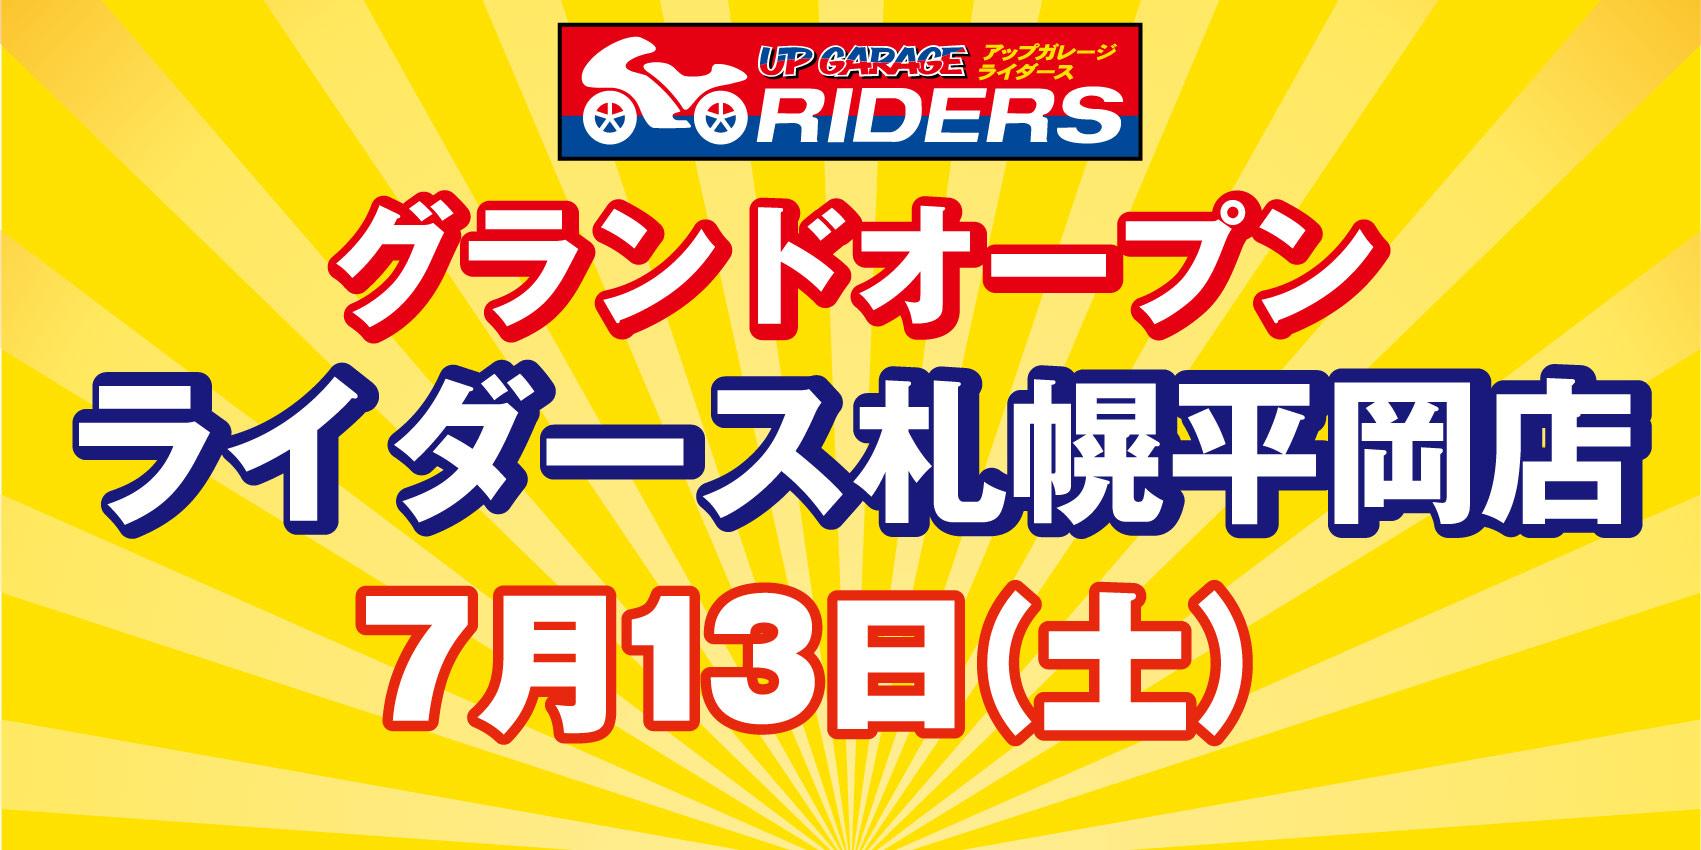 【ライダース札幌平岡店】グランドオープン!